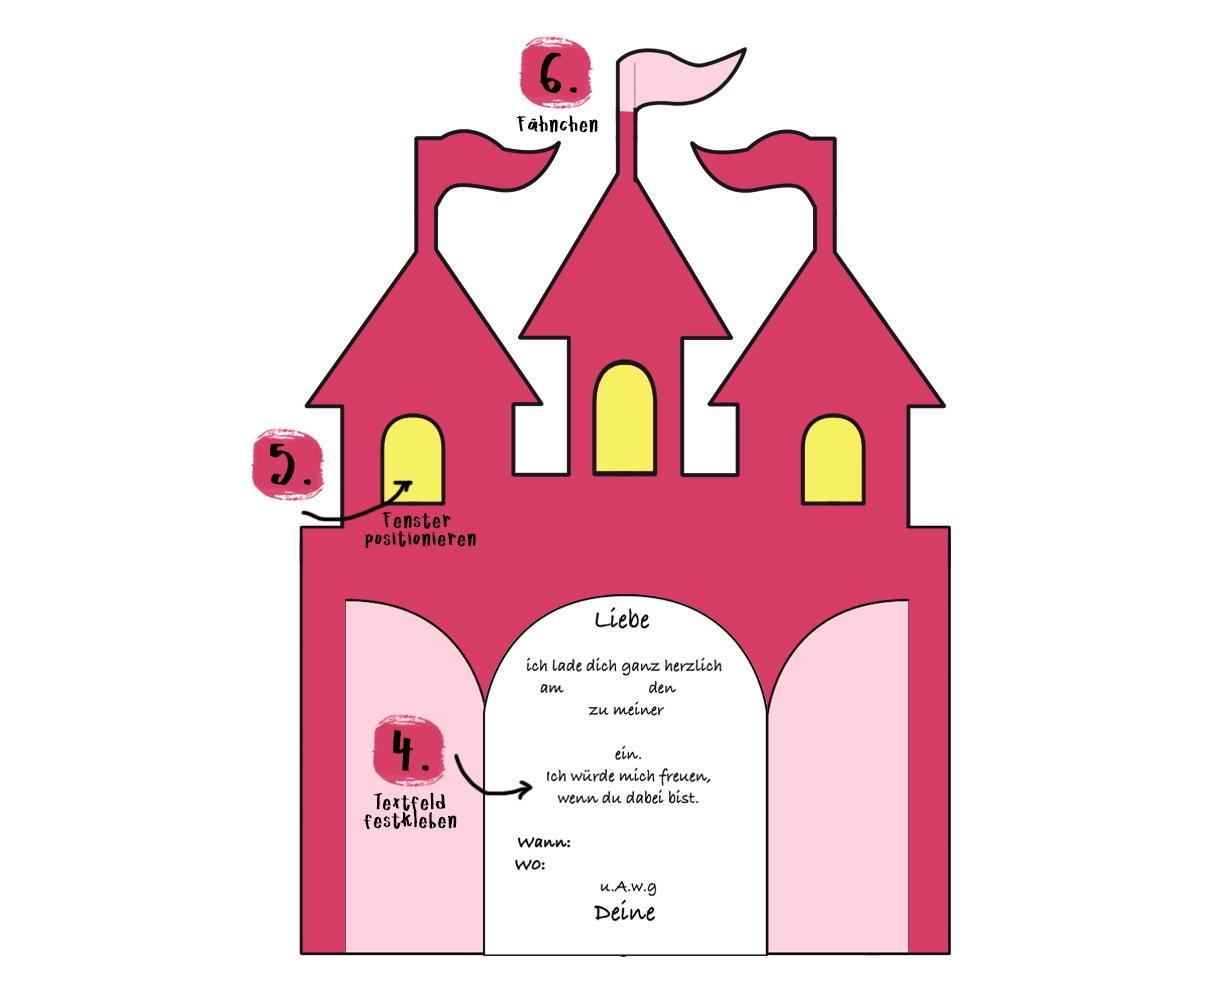 KleineGeschichten-Prinzessinnen-Party-Bastelideen-Spieleideen-Krone-selber-basteln-kostenlose-Vorlage-Kindergeburstag-Mottoparty-Printessinnen-Geburstag-Bastelanleitung-Krone-Prinzessin06